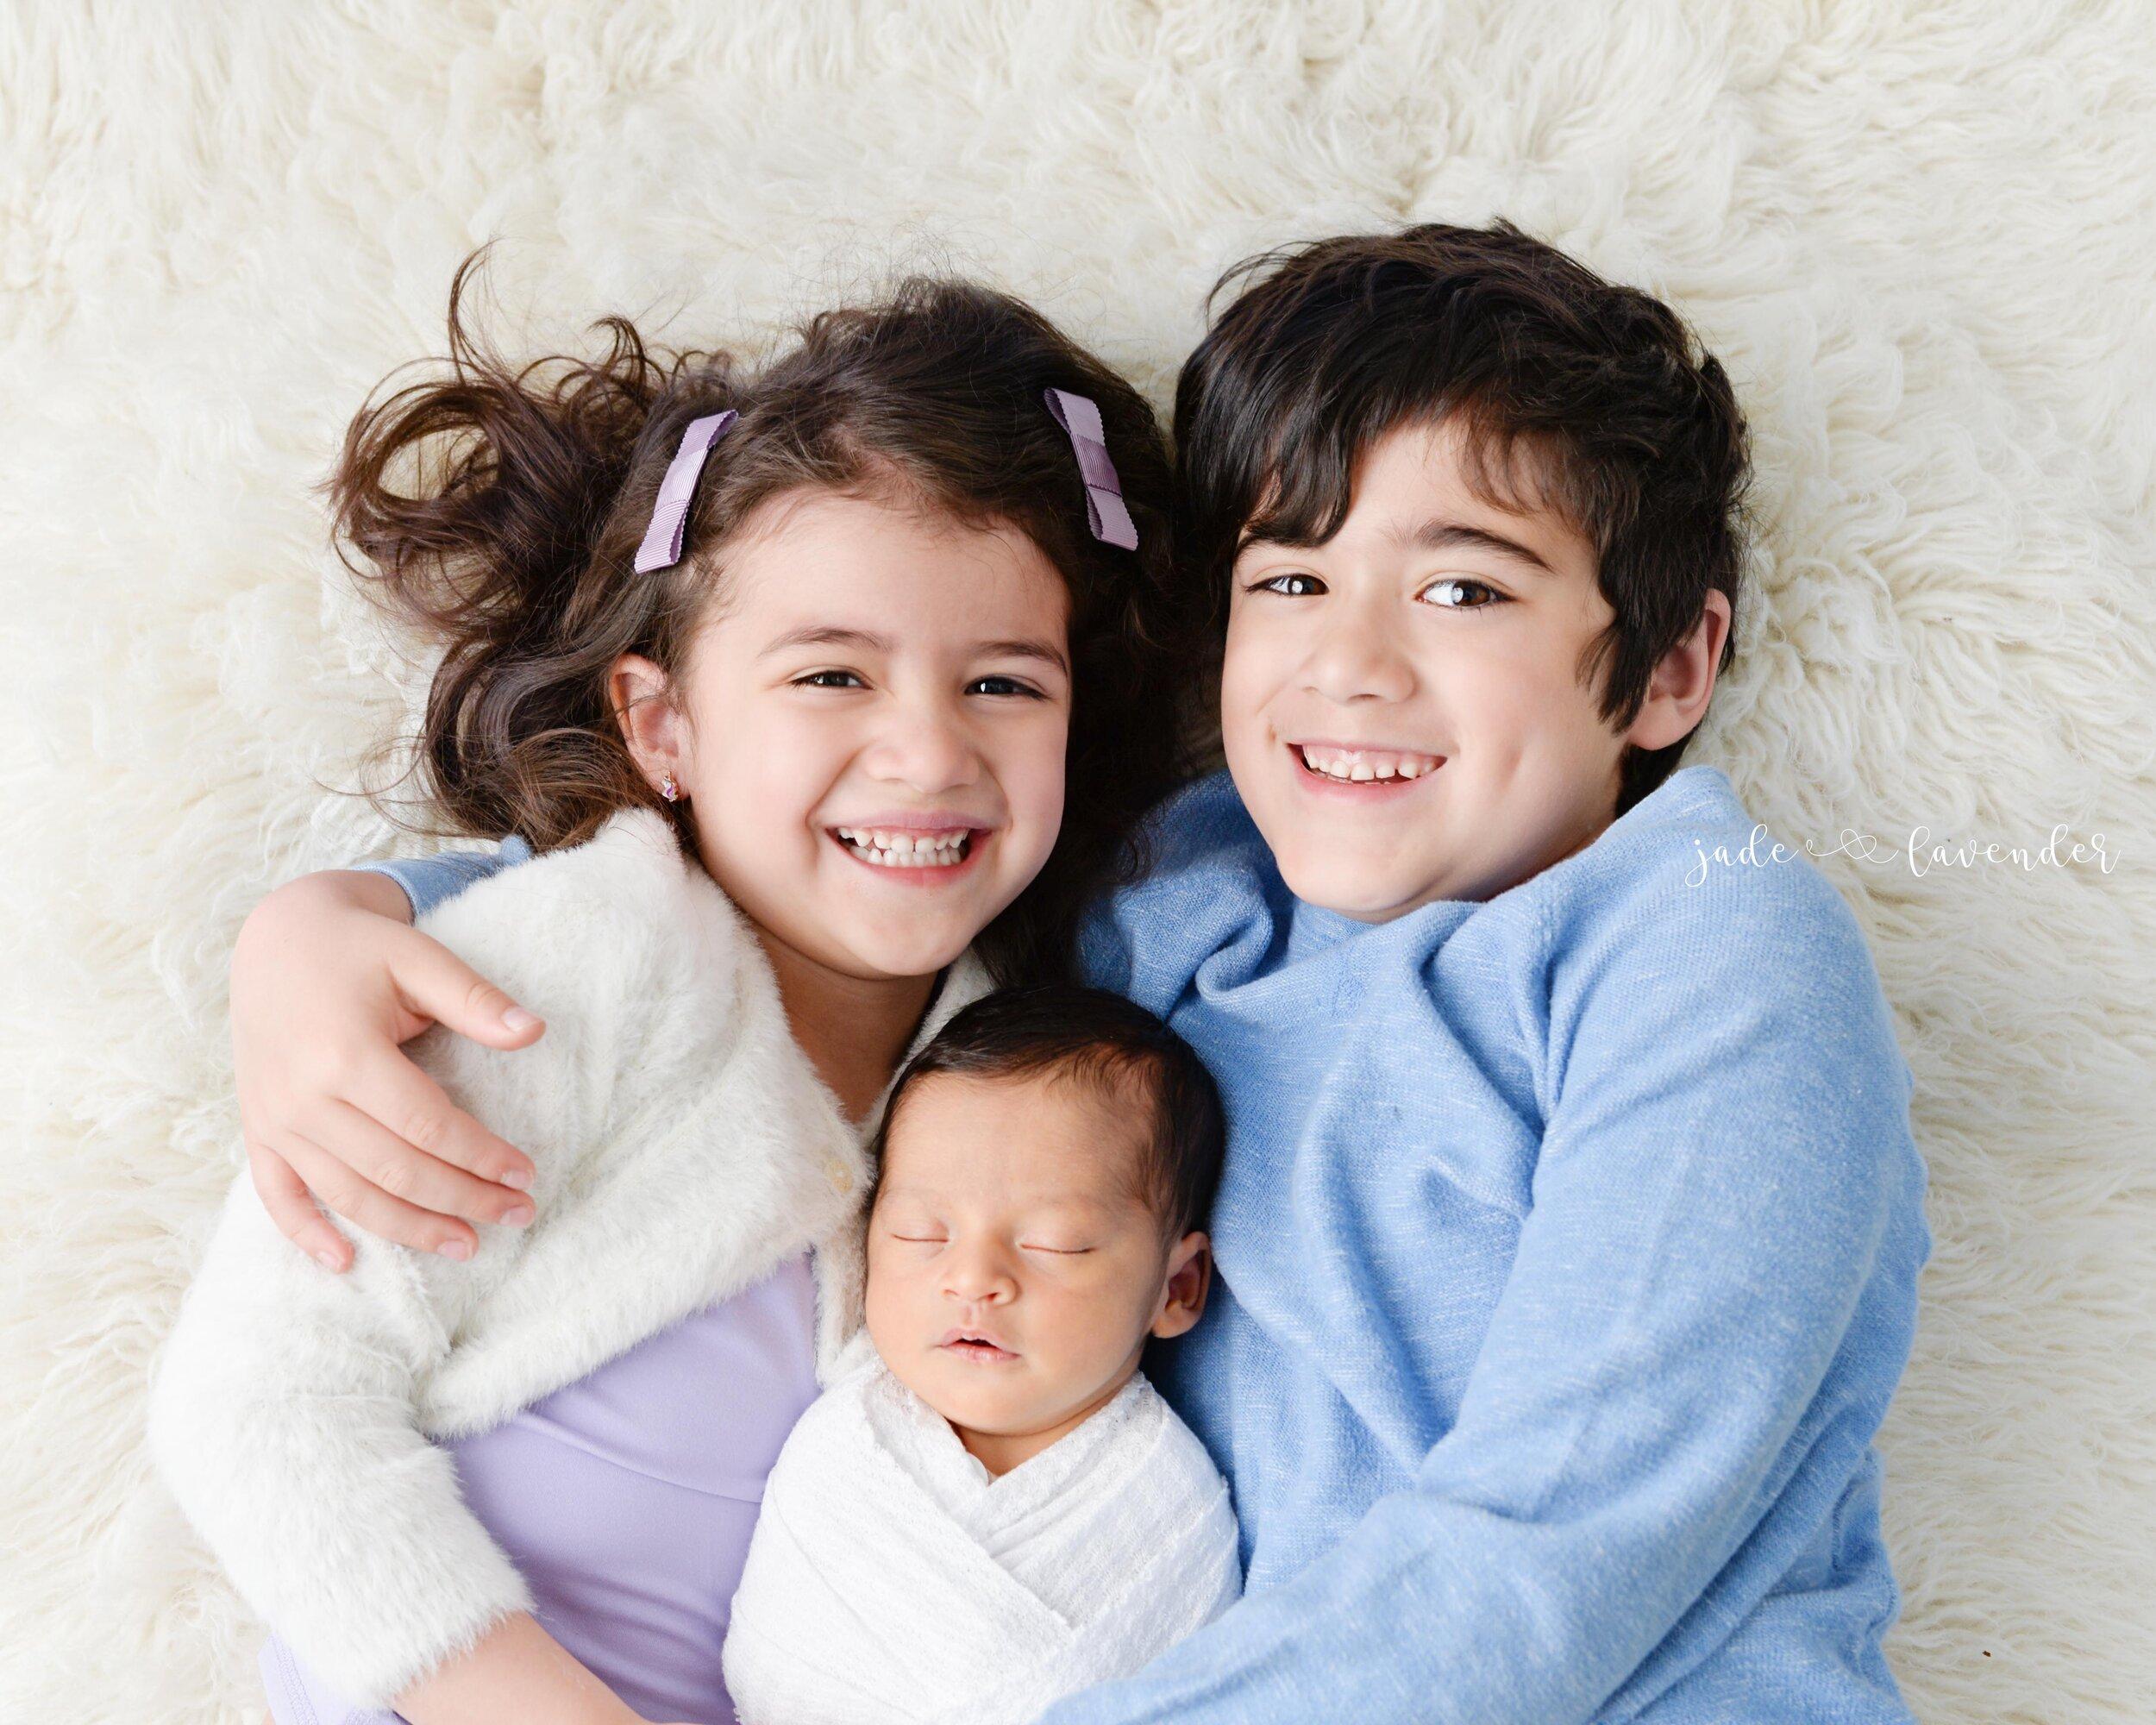 Newborn-family-photos-baby-images-infant-photography-spokane-washington (1 of 7).jpg